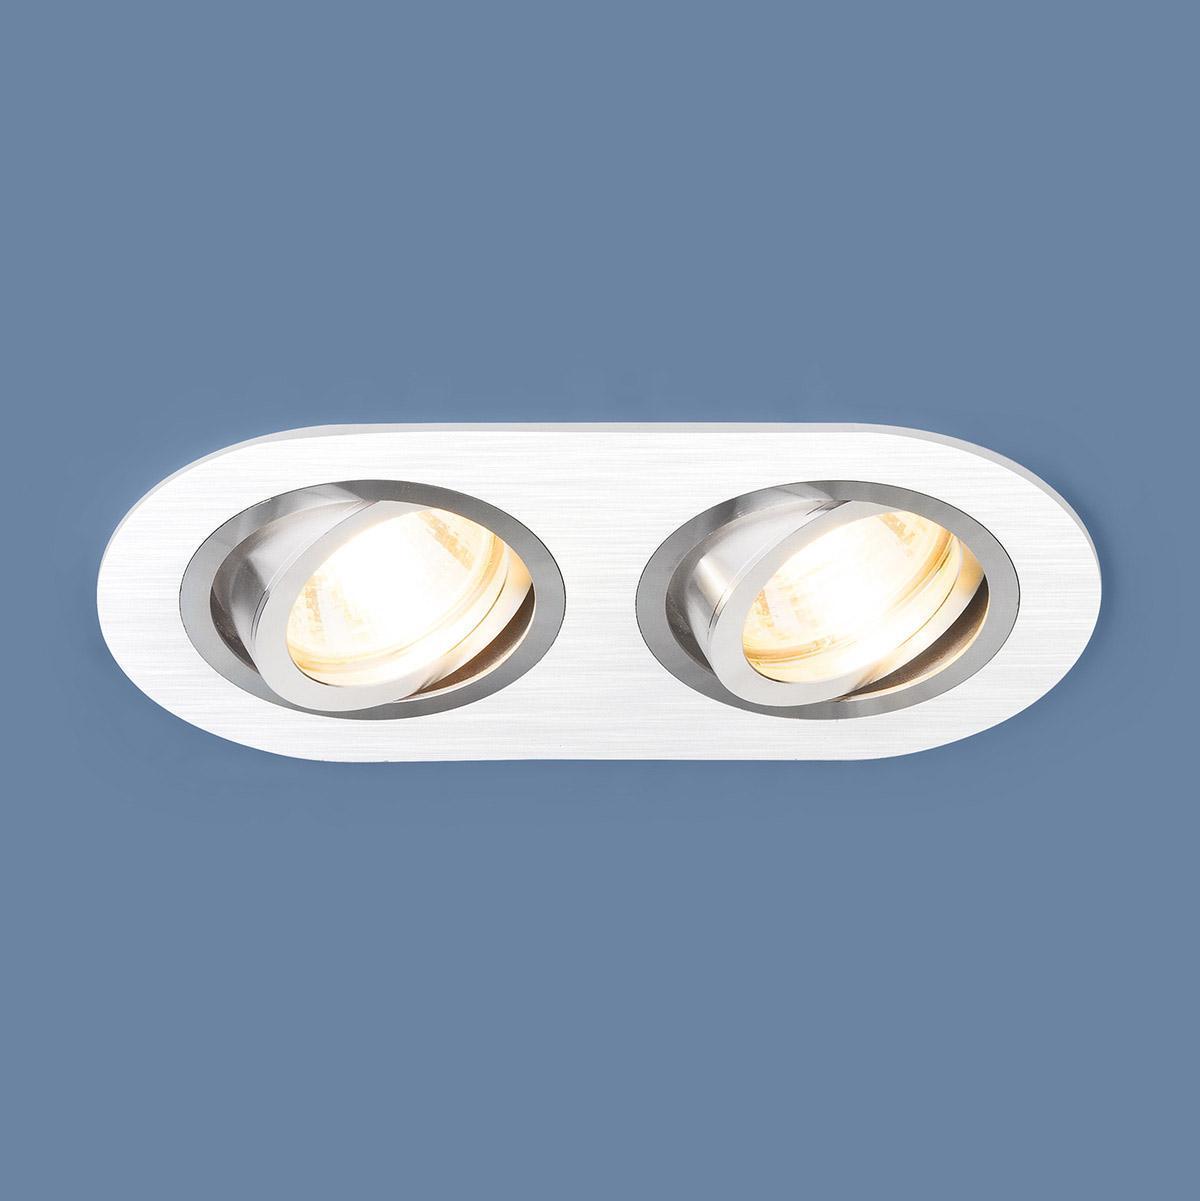 Встраиваемый светильник Elektrostandard 1061/2 MR16 WH белый 4690389095481 встраиваемый светильник elektrostandard 1061 1 mr16 wh белый 4690389095474